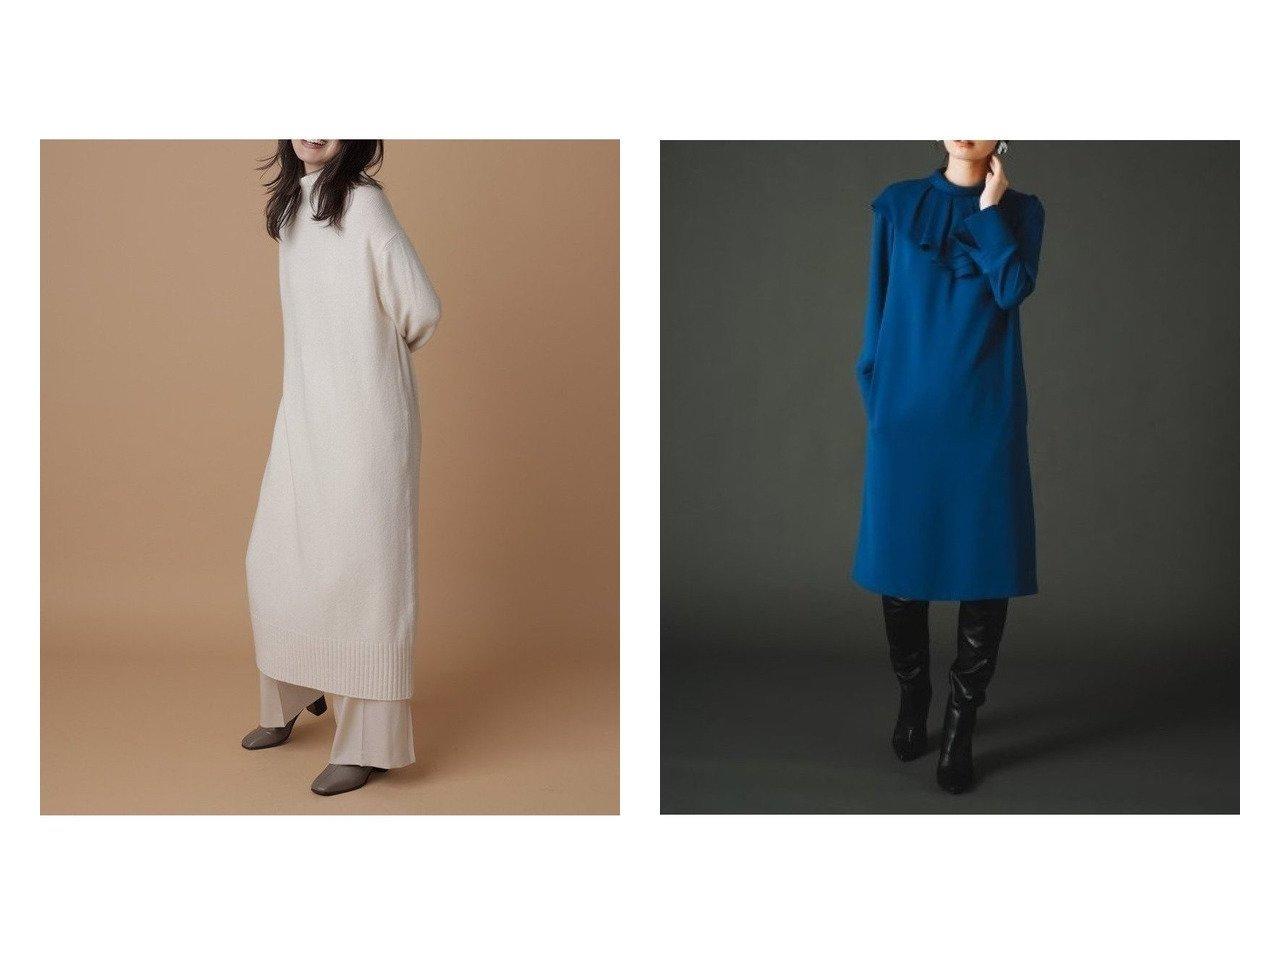 【CELFORD/セルフォード】のアシメフリルカラーワンピース&【FRAY I.D/フレイ アイディー】のウールカシミアハイネックワンピース ワンピース・ドレスのおすすめ!人気、トレンド・レディースファッションの通販 おすすめで人気の流行・トレンド、ファッションの通販商品 メンズファッション・キッズファッション・インテリア・家具・レディースファッション・服の通販 founy(ファニー) https://founy.com/ ファッション Fashion レディースファッション WOMEN ワンピース Dress マキシワンピース Maxi Dress 11月号 カシミア スリット センター バランス マキシ リラックス ロング アシンメトリー カフス ギャザー ジョーゼット フリル フロント |ID:crp329100000011516